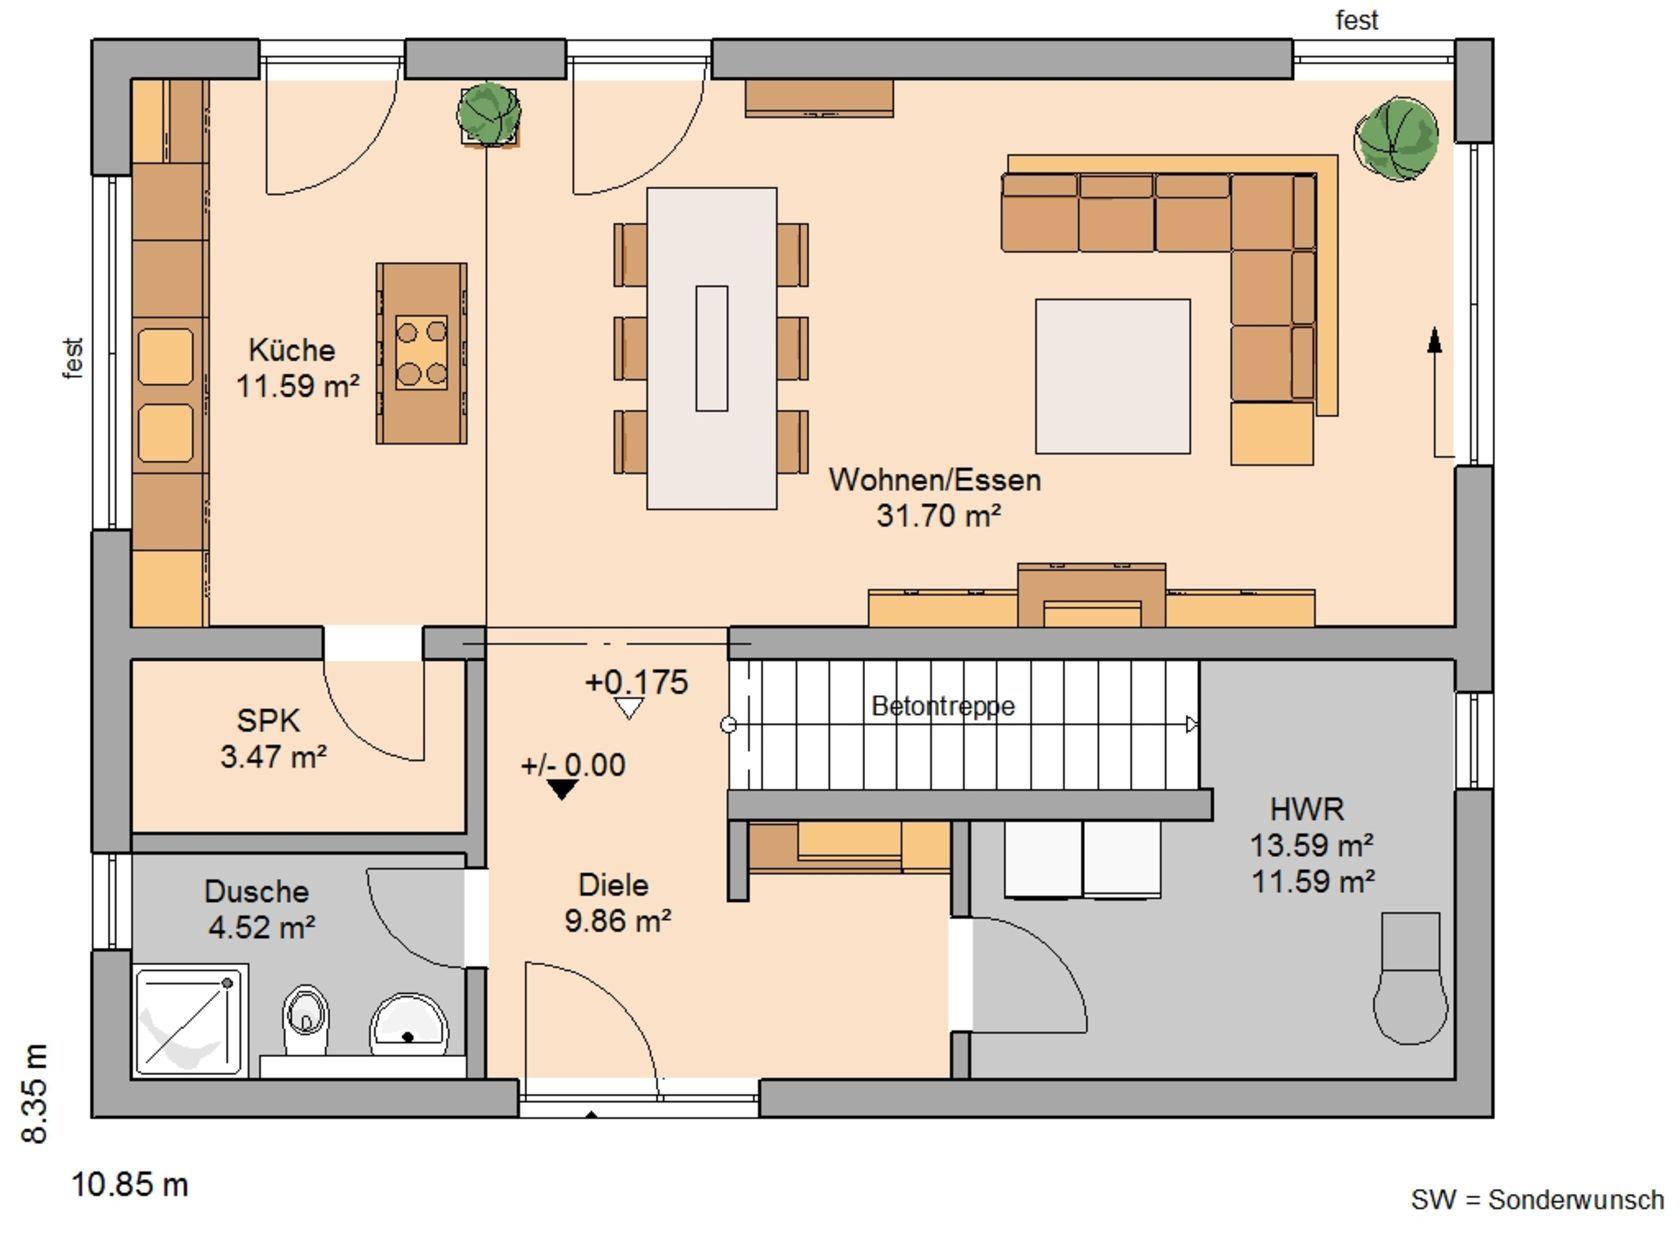 Küchenplan grundriss häuser  kern haus erdgeschoss und grundrisse